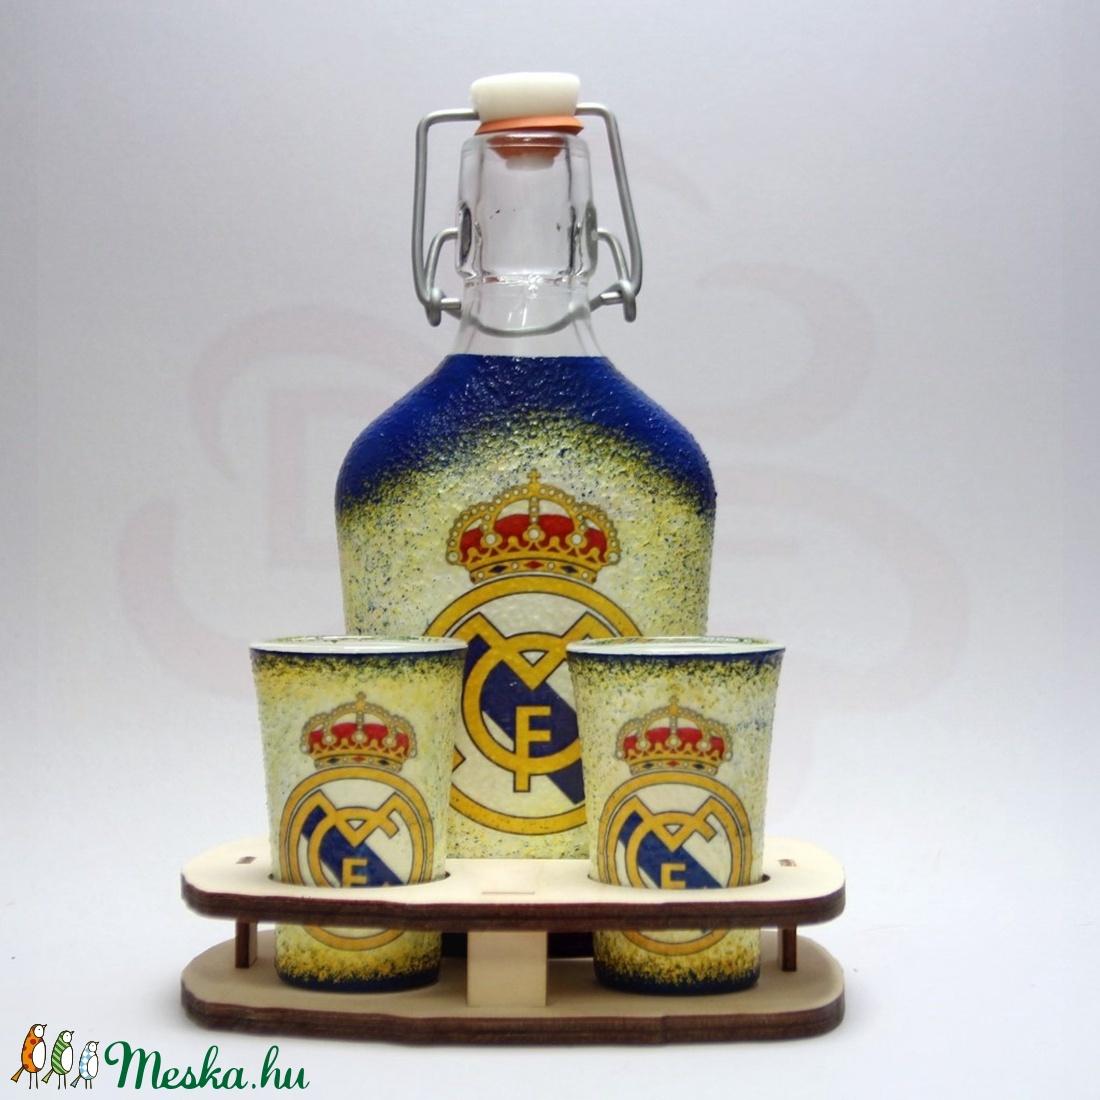 Real Madrid pálinkás kínáló ; Real futball szurkolóknak - Meska.hu